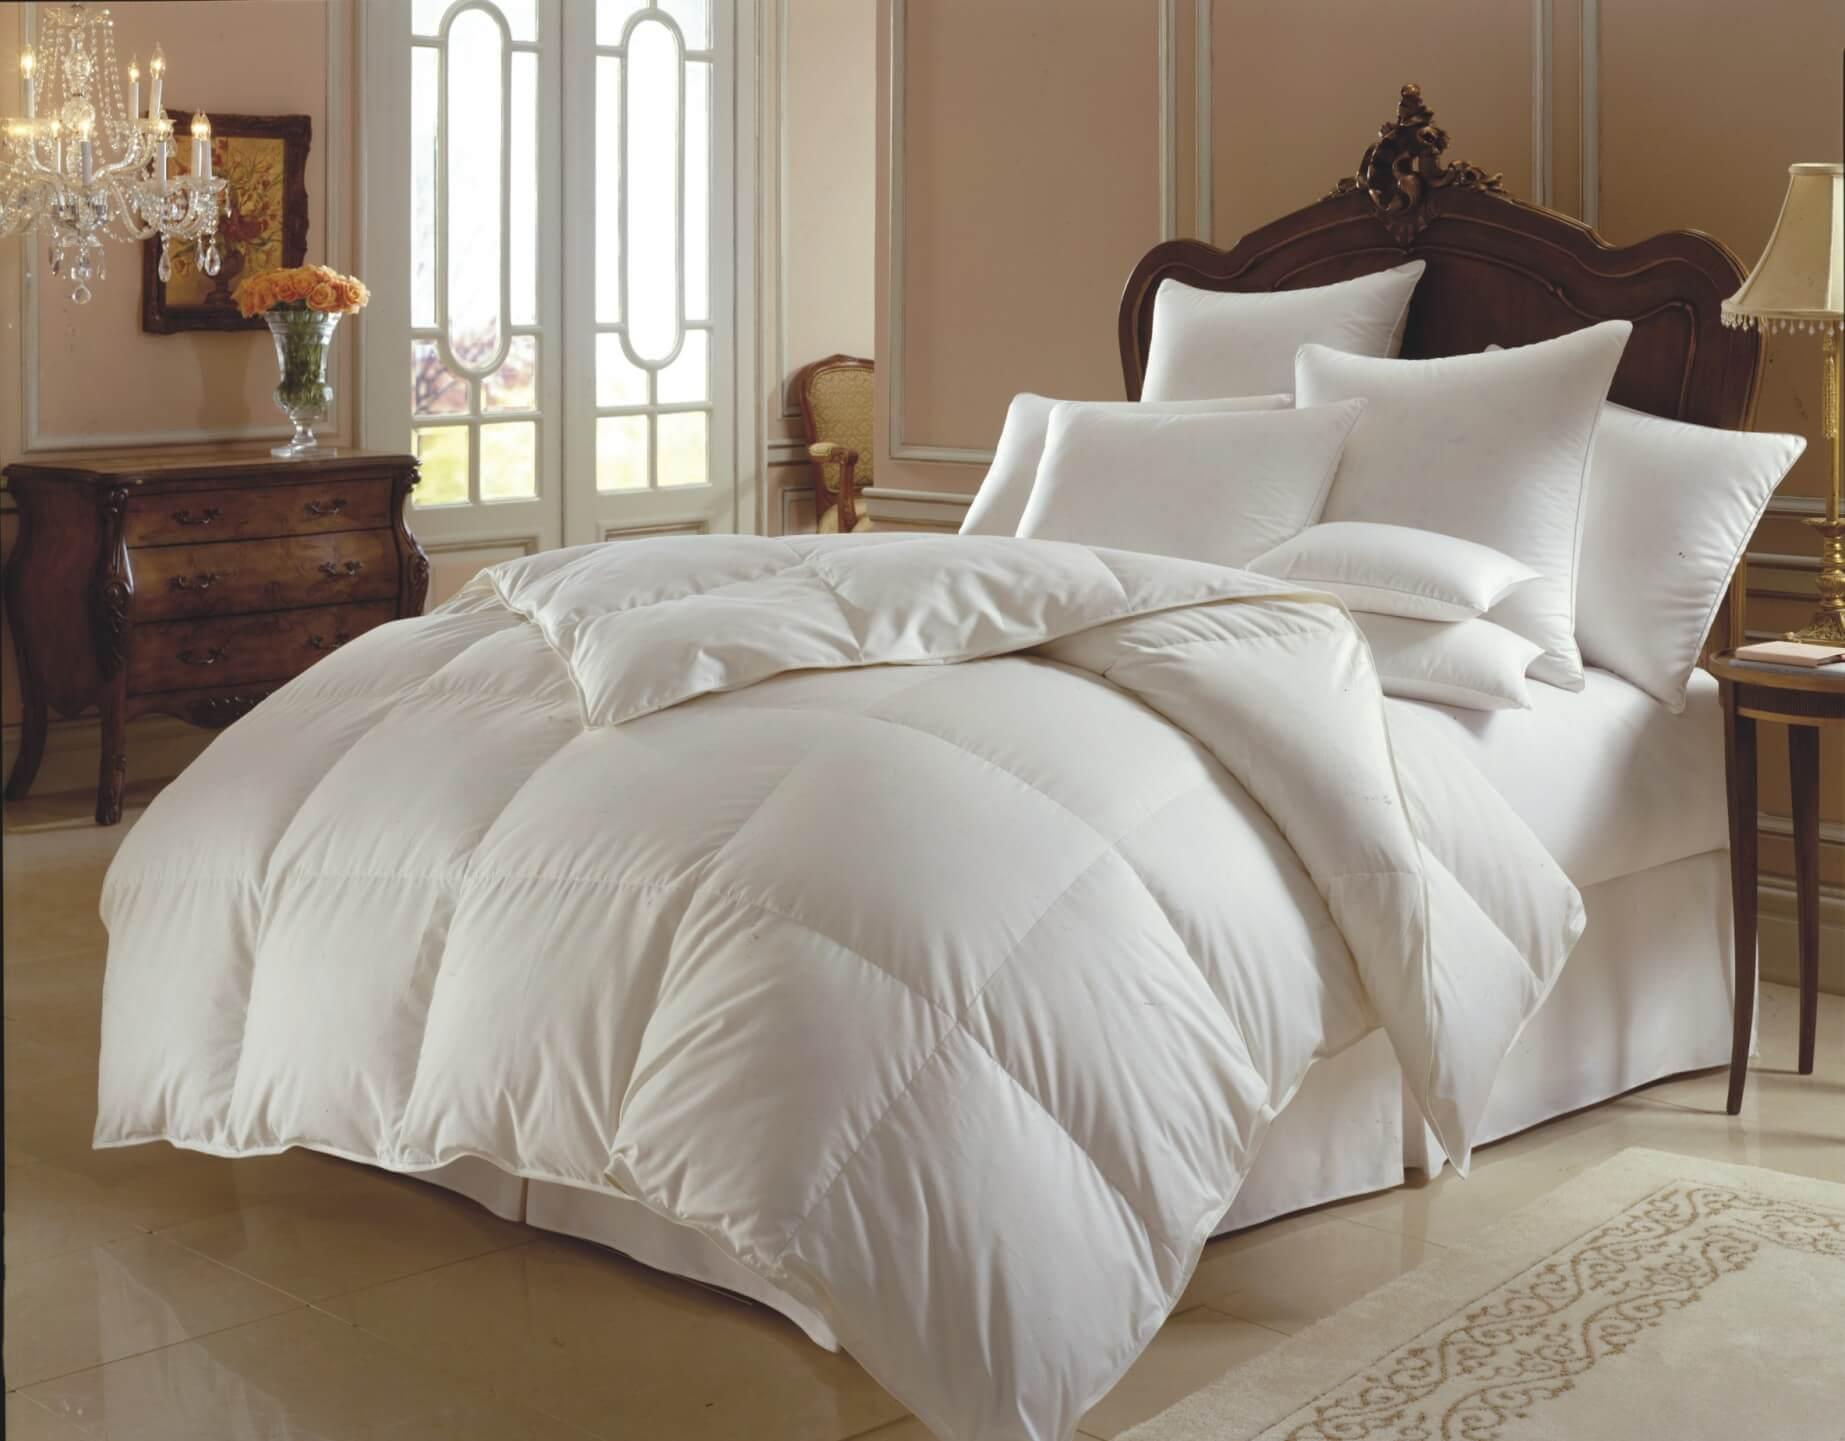 Одеяло купить от производителя в Москве